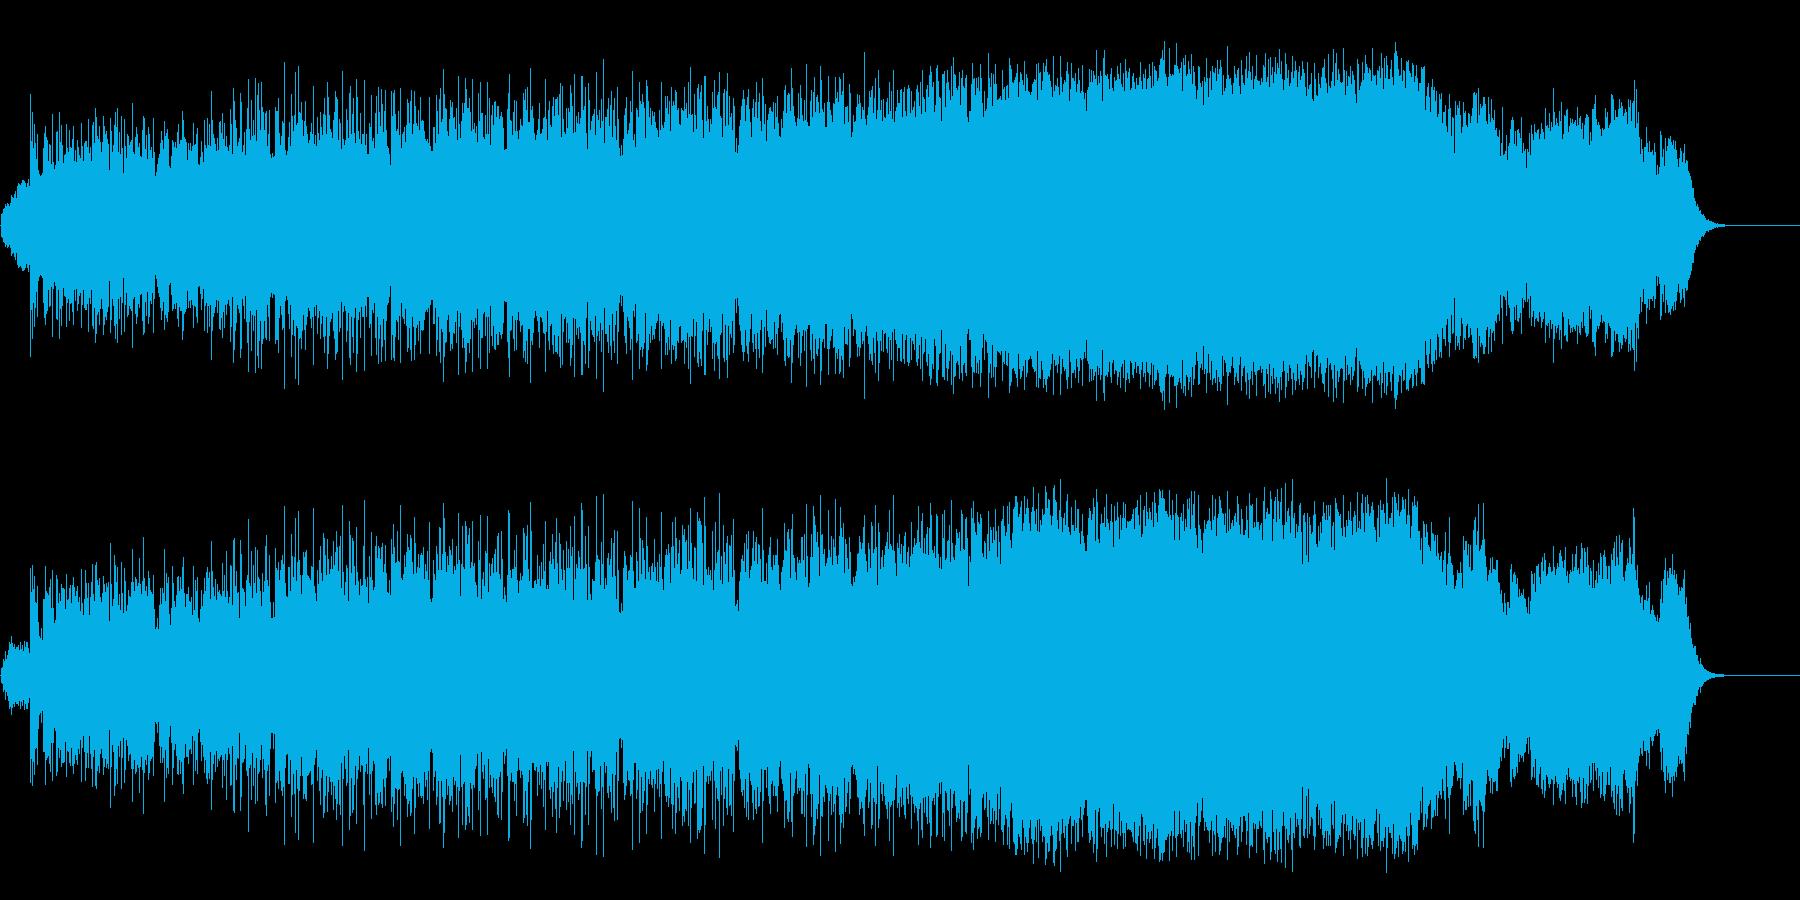 ハウス調マイナー環境/ドキュメントの再生済みの波形